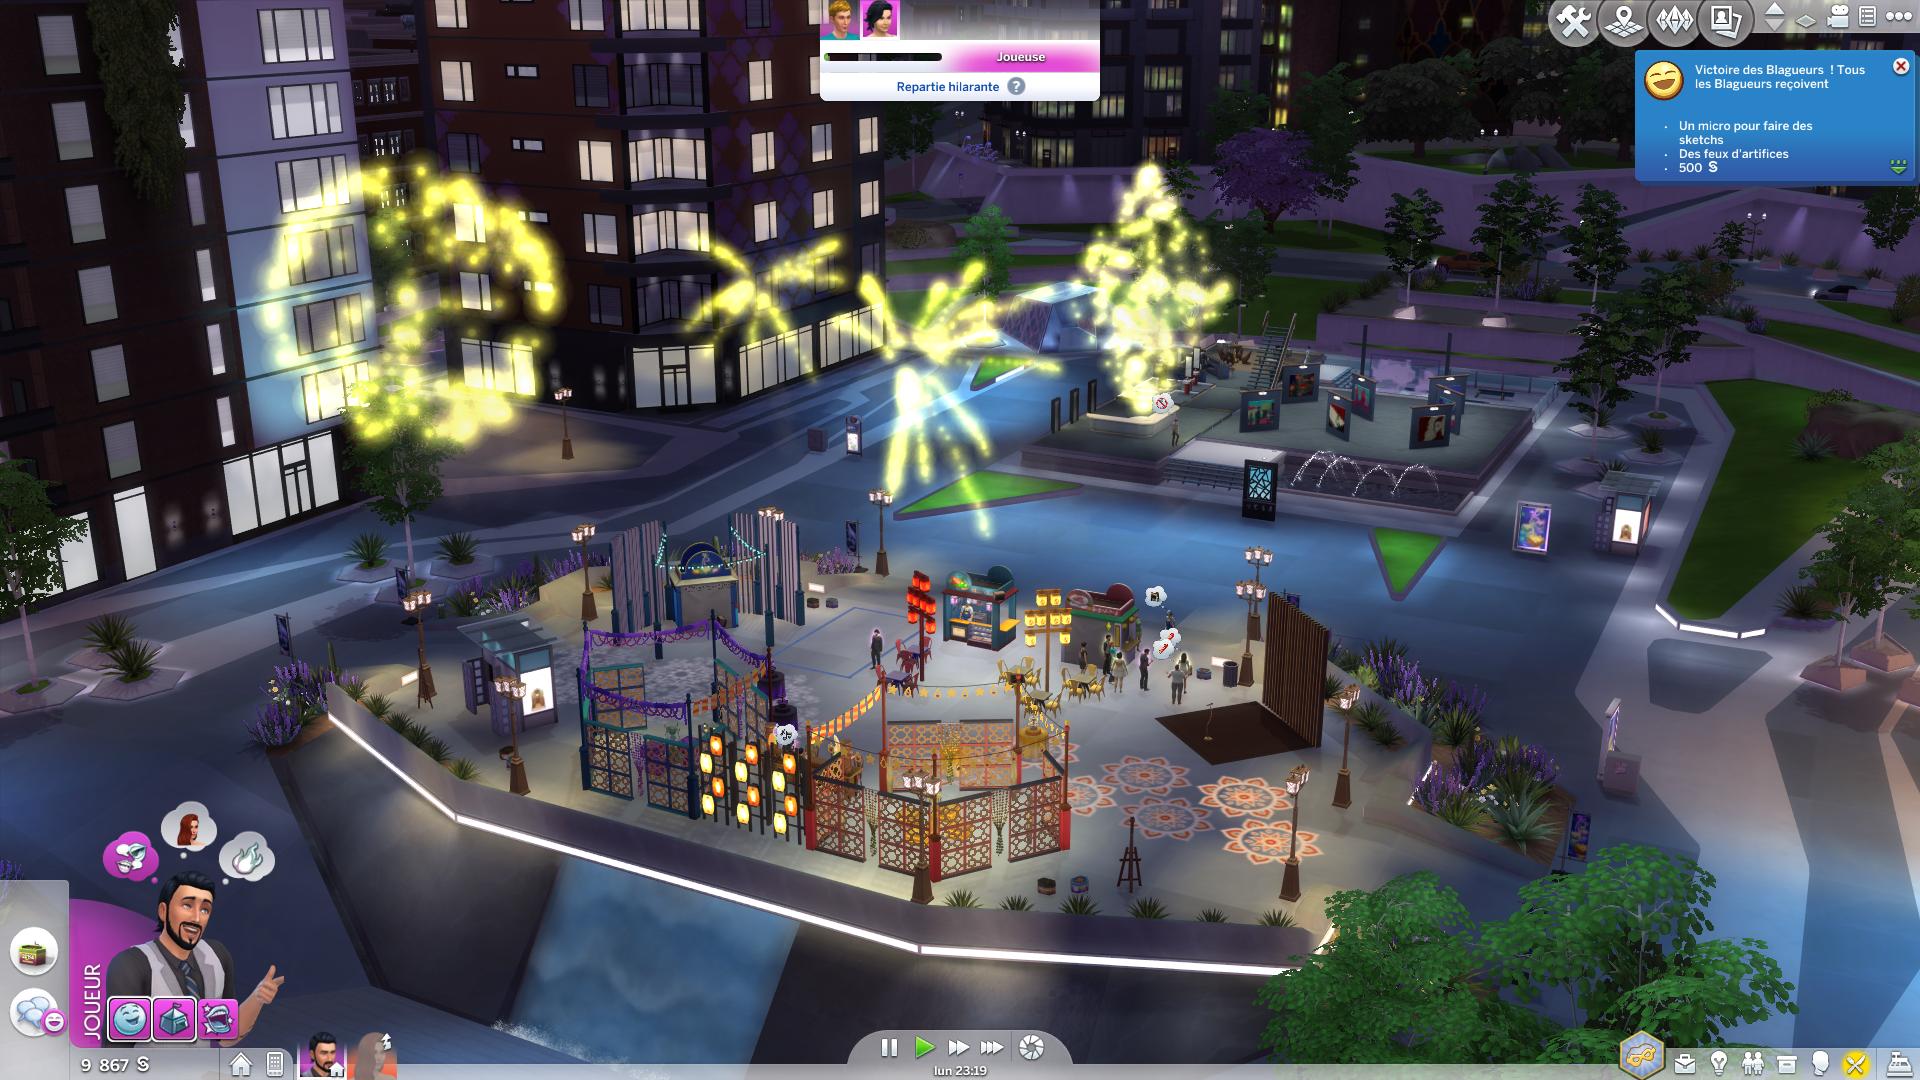 Sims 4 Vie Citadine 2